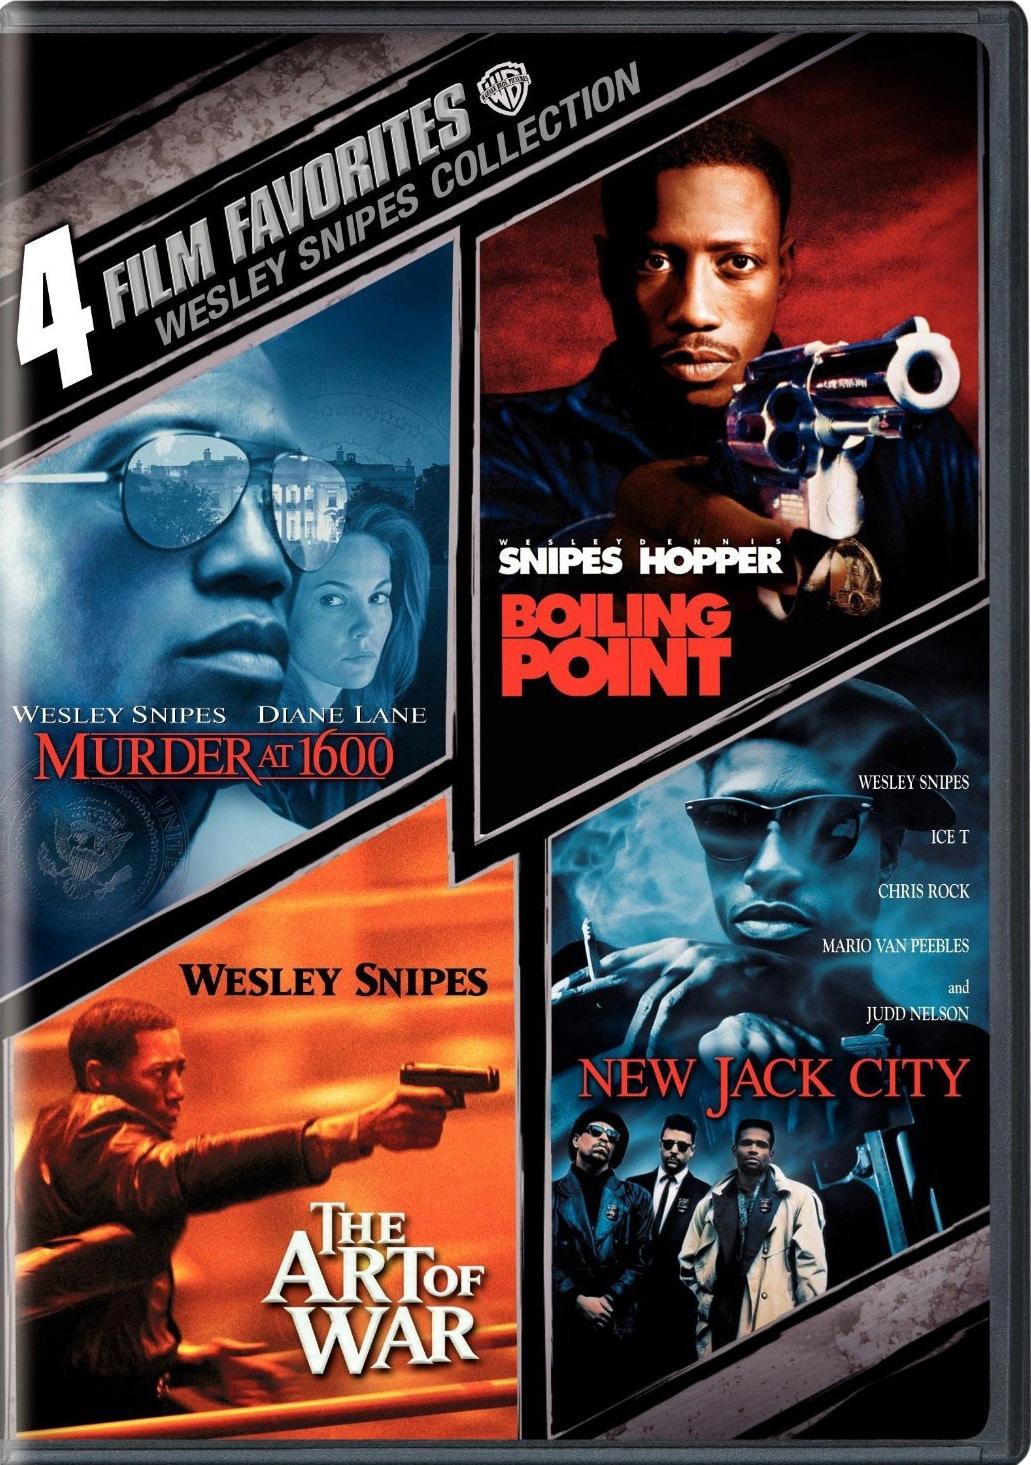 4 Film Favorites: Wesley Snipes (DVD)